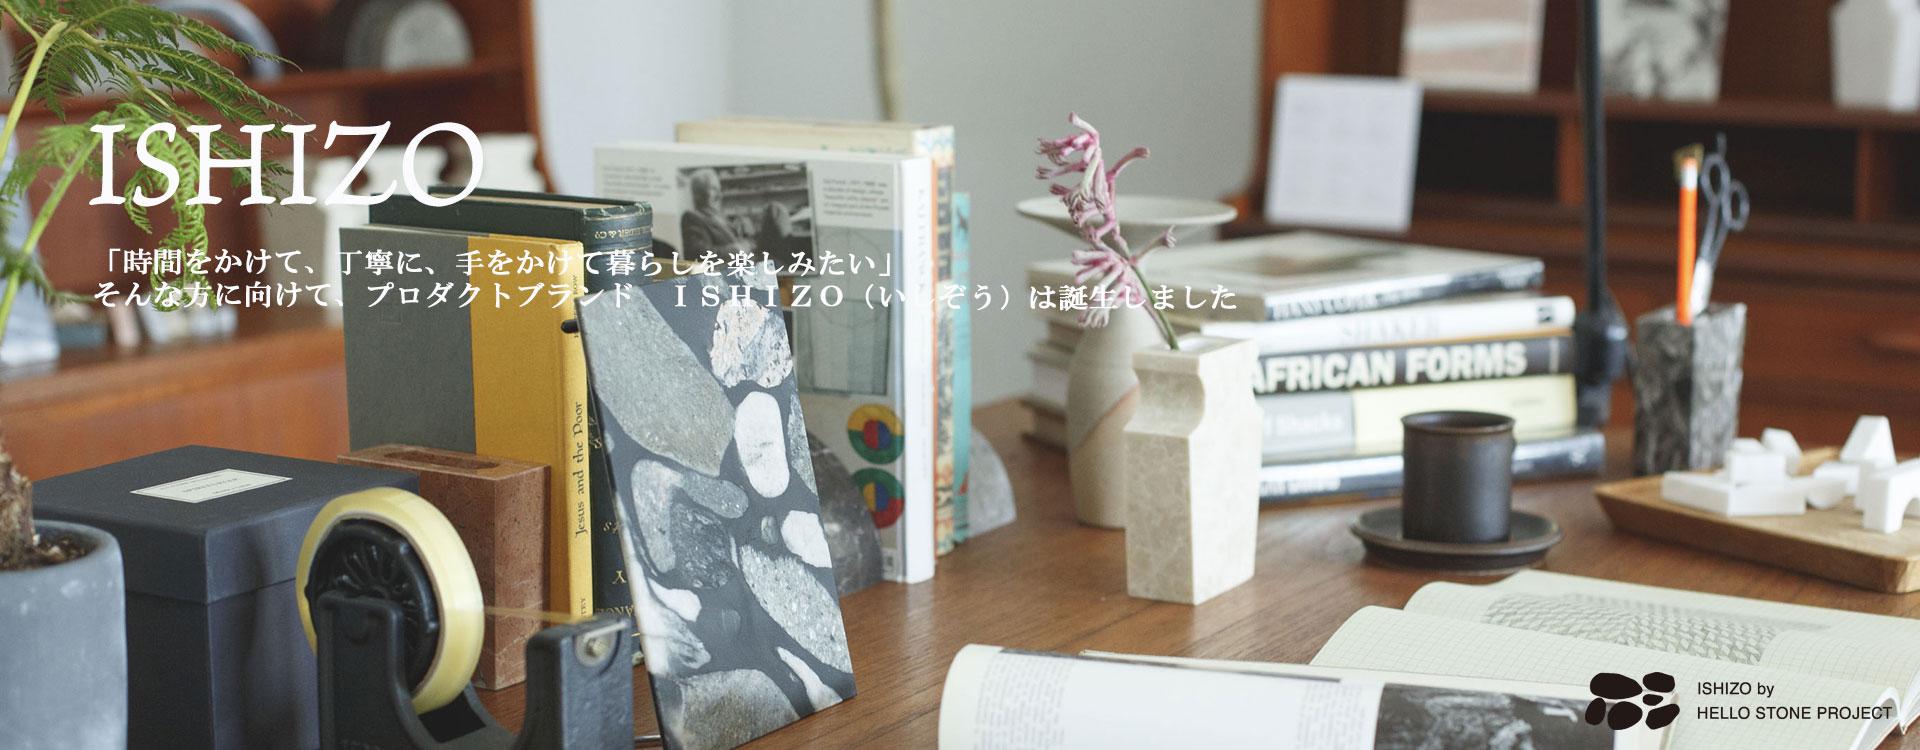 大理石 御影石 関ヶ原石材 テーブル STガーデン 400角 岐阜 関ヶ原 天板 石のネット通販  砕石 濡れ色  砕石 濡れ色